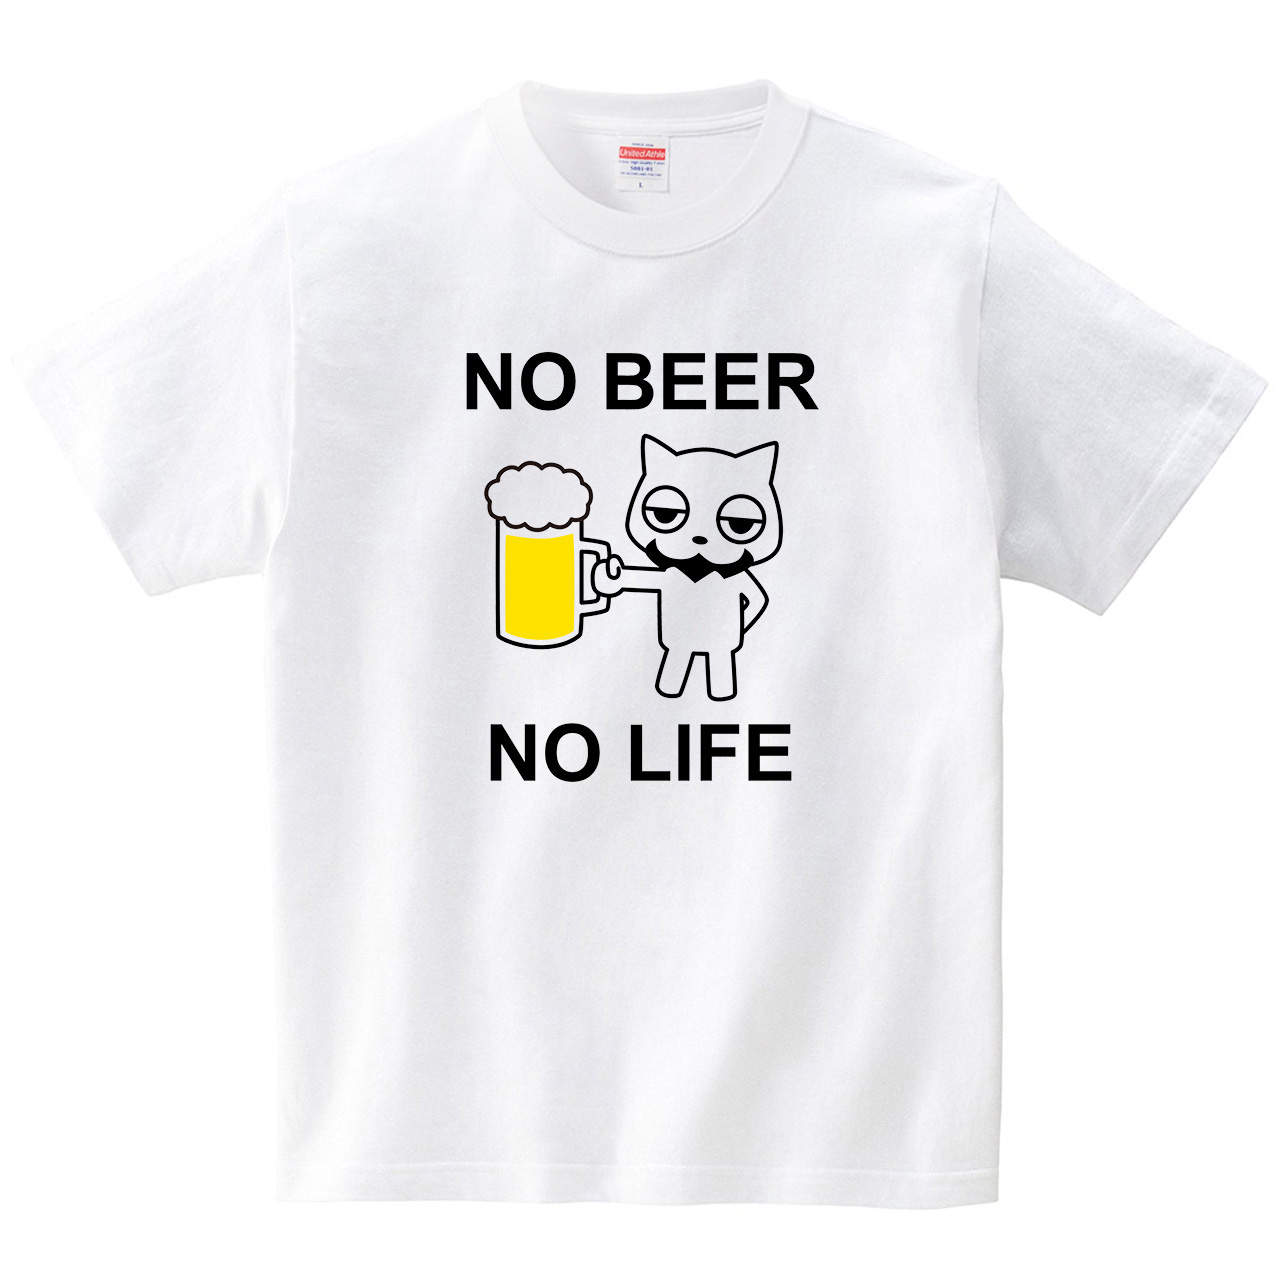 NO BEER NO LIFE(Tシャツ・ホワイト)(あごひげねこ)